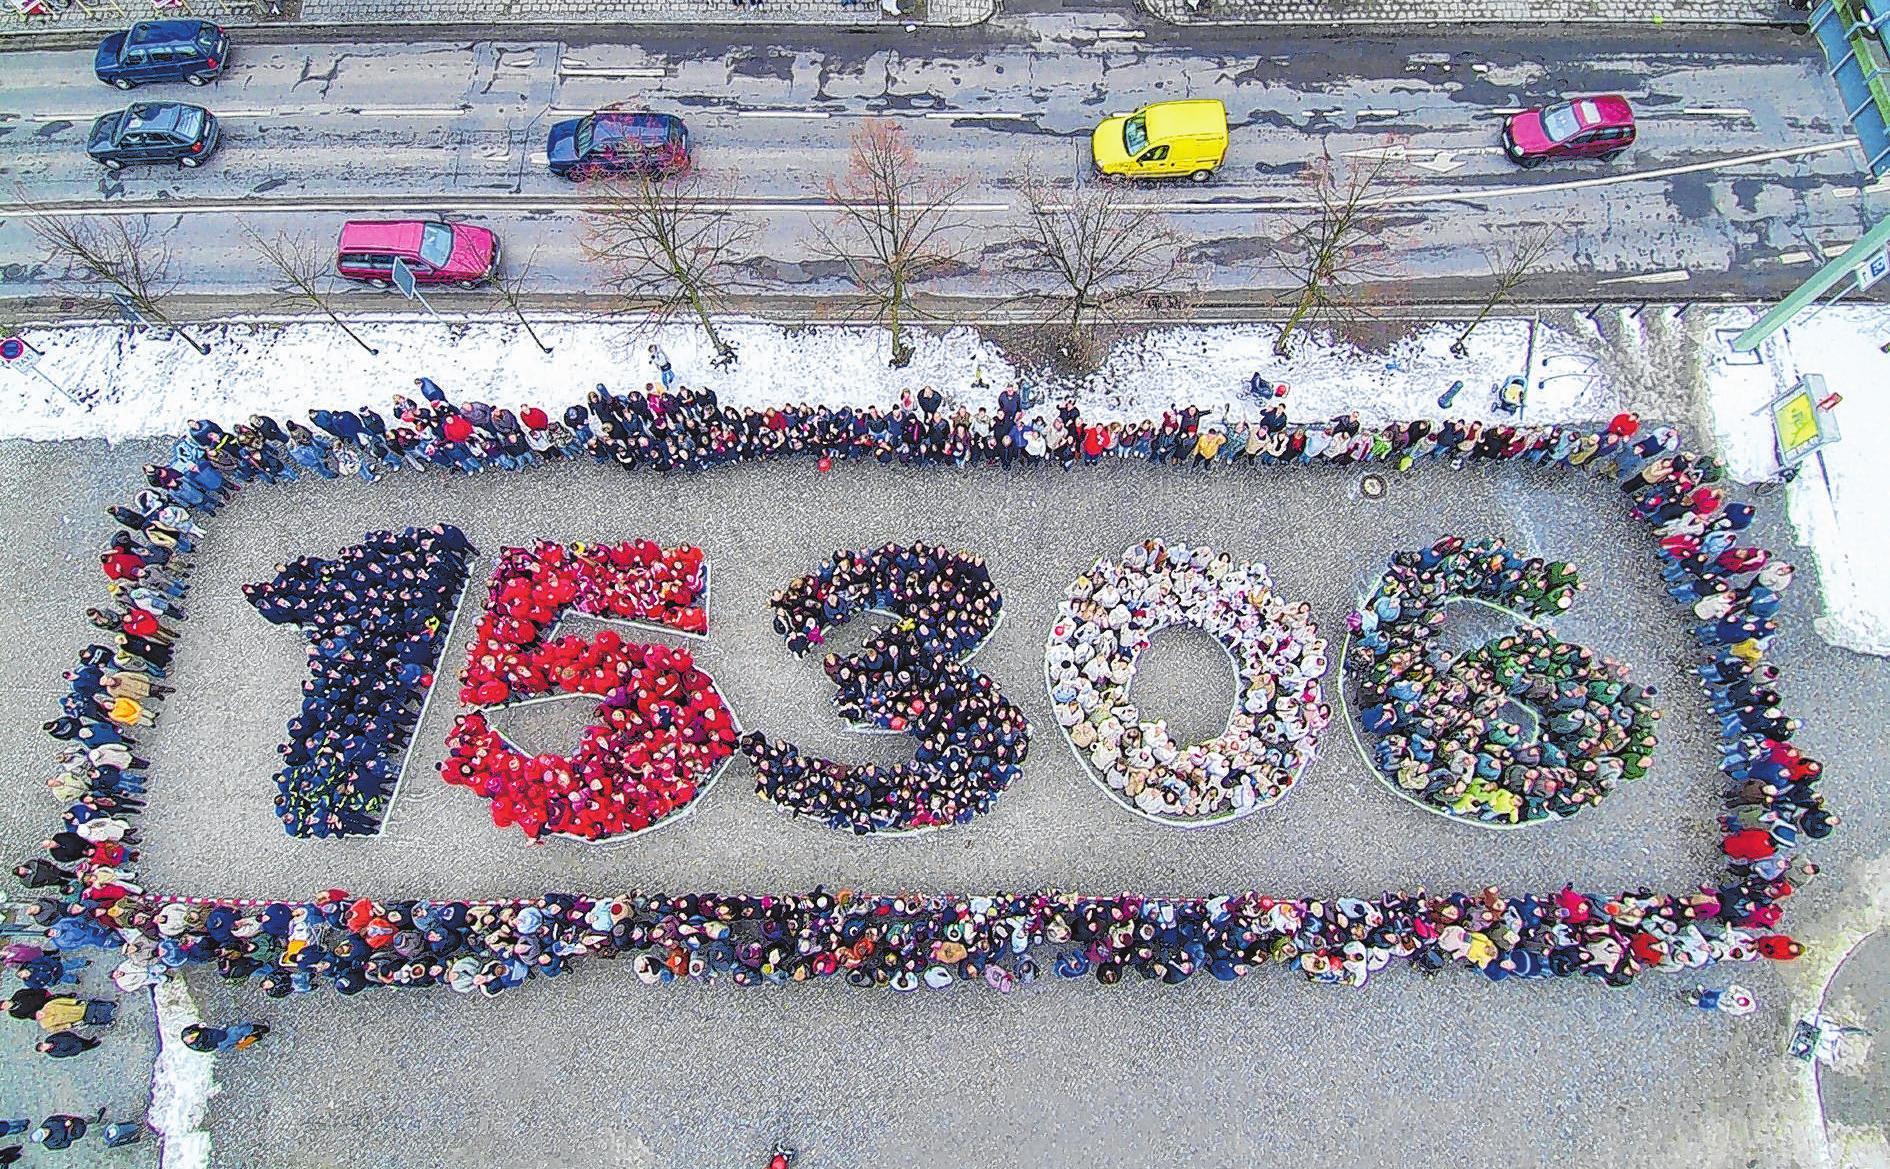 Vorbild für das Jahrhundertdatum in Neuhardenberg ist eine ähnliche Aktion in Seelow, bei der im Jahre 2006 zahlreiche Menschen auf dem Marktplatz die Postleitzahl der Kreisstadt stellten. Foto: Johann Müller